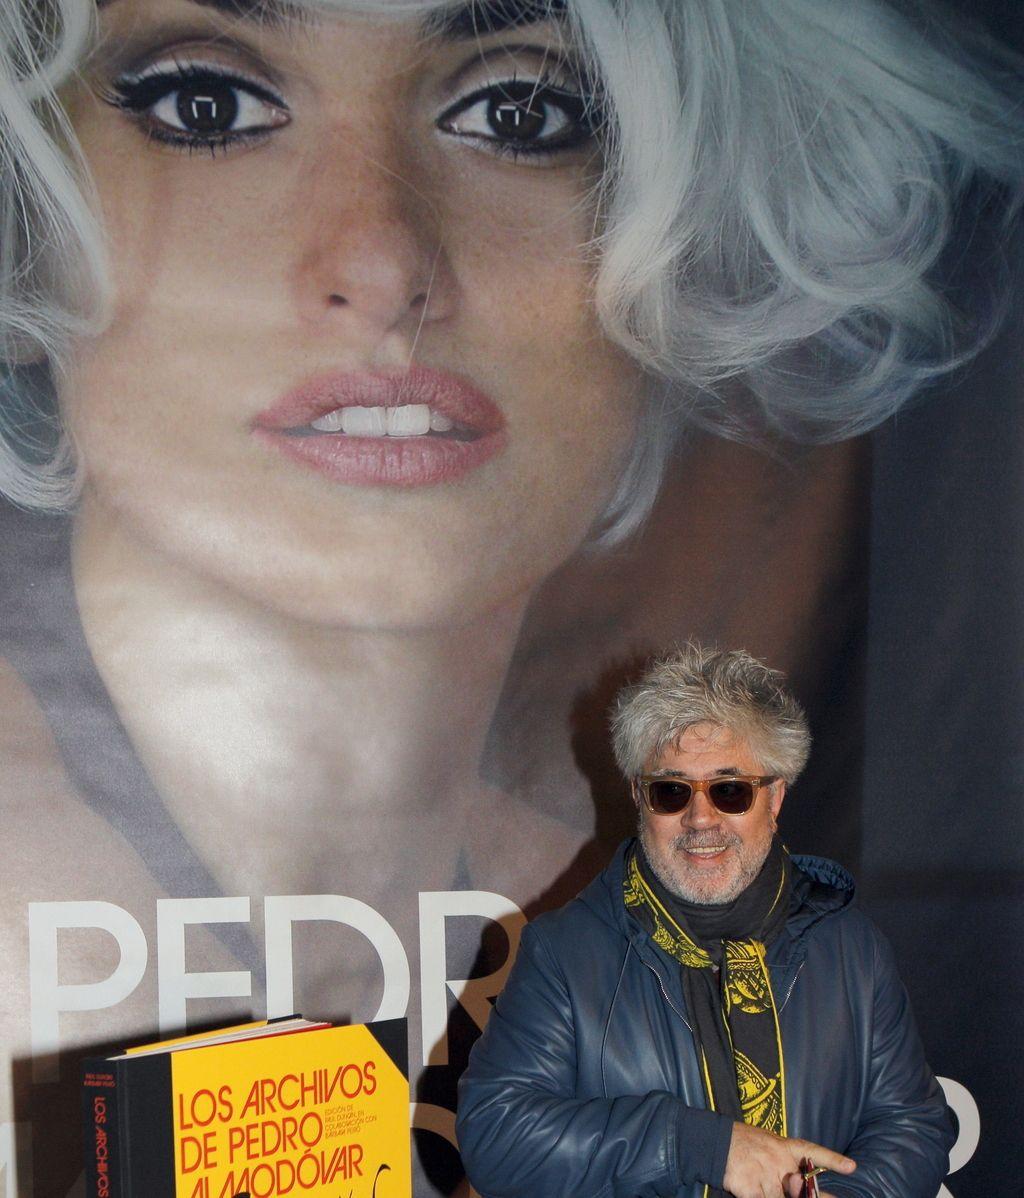 Pedro Almodóvar presenta sus 'Archivos'